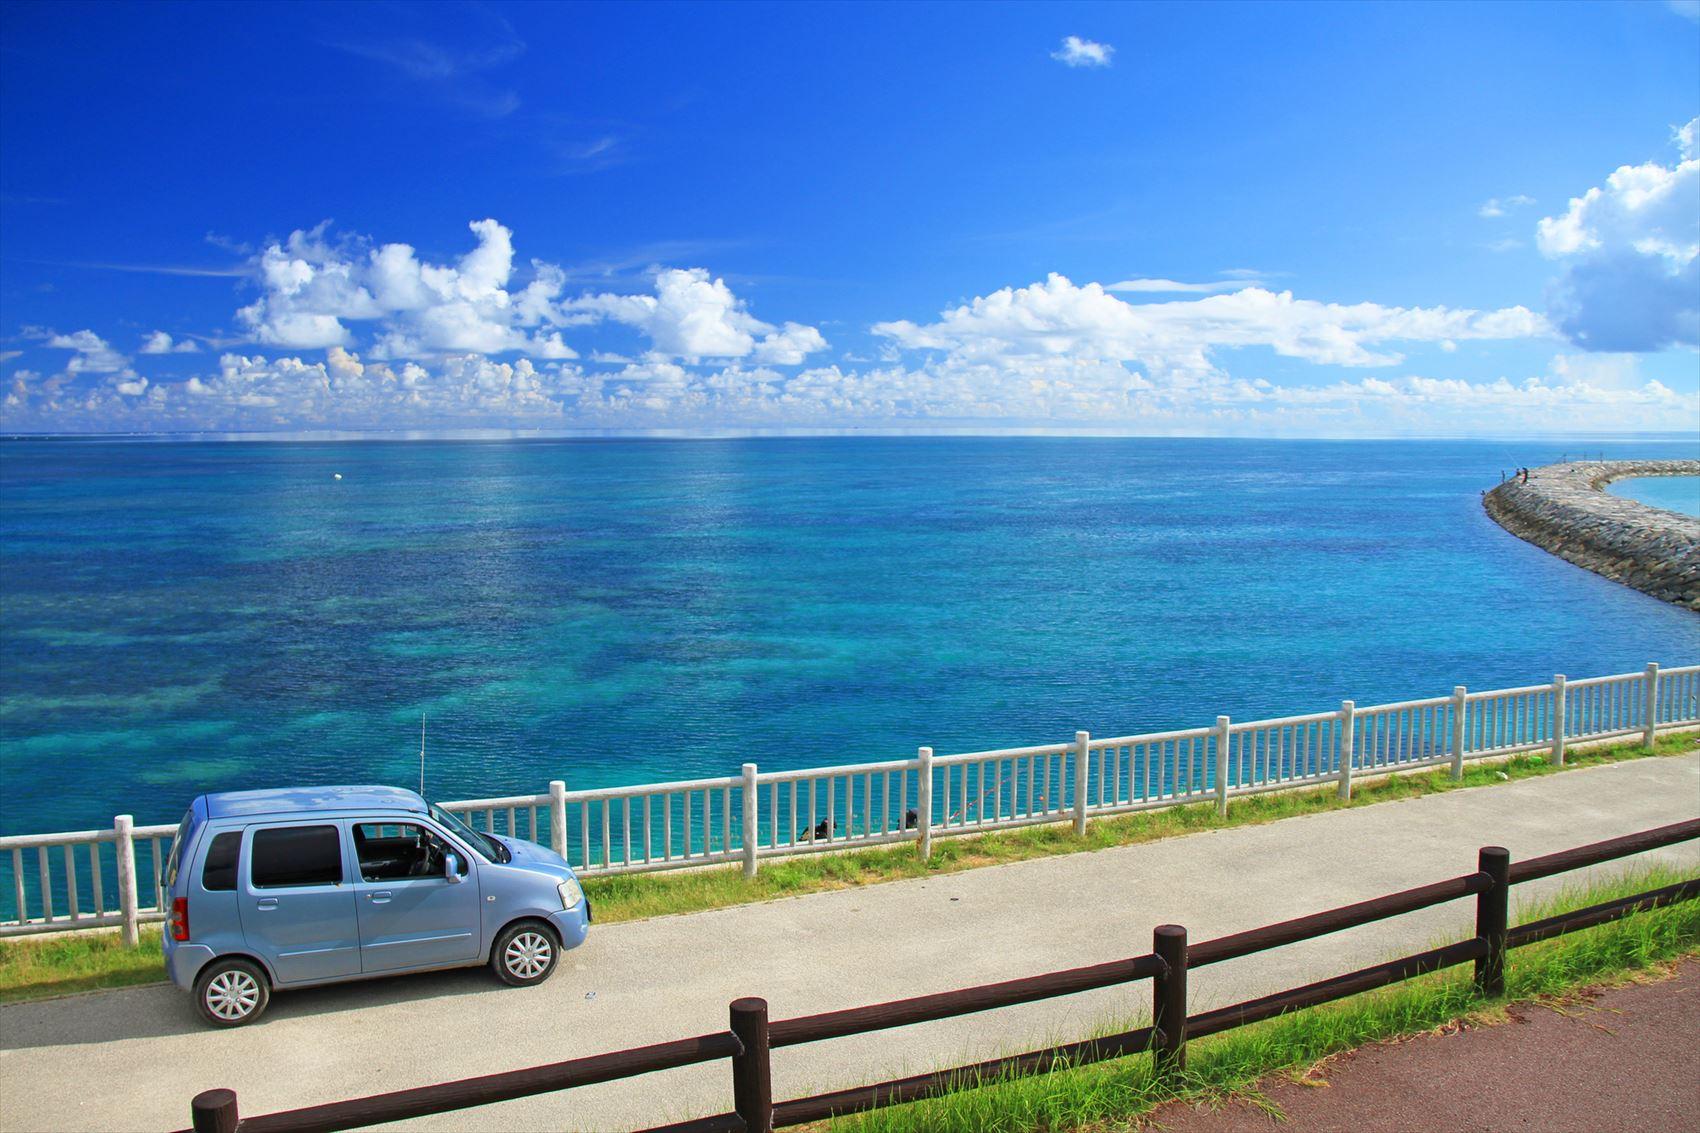 青い車と空と海